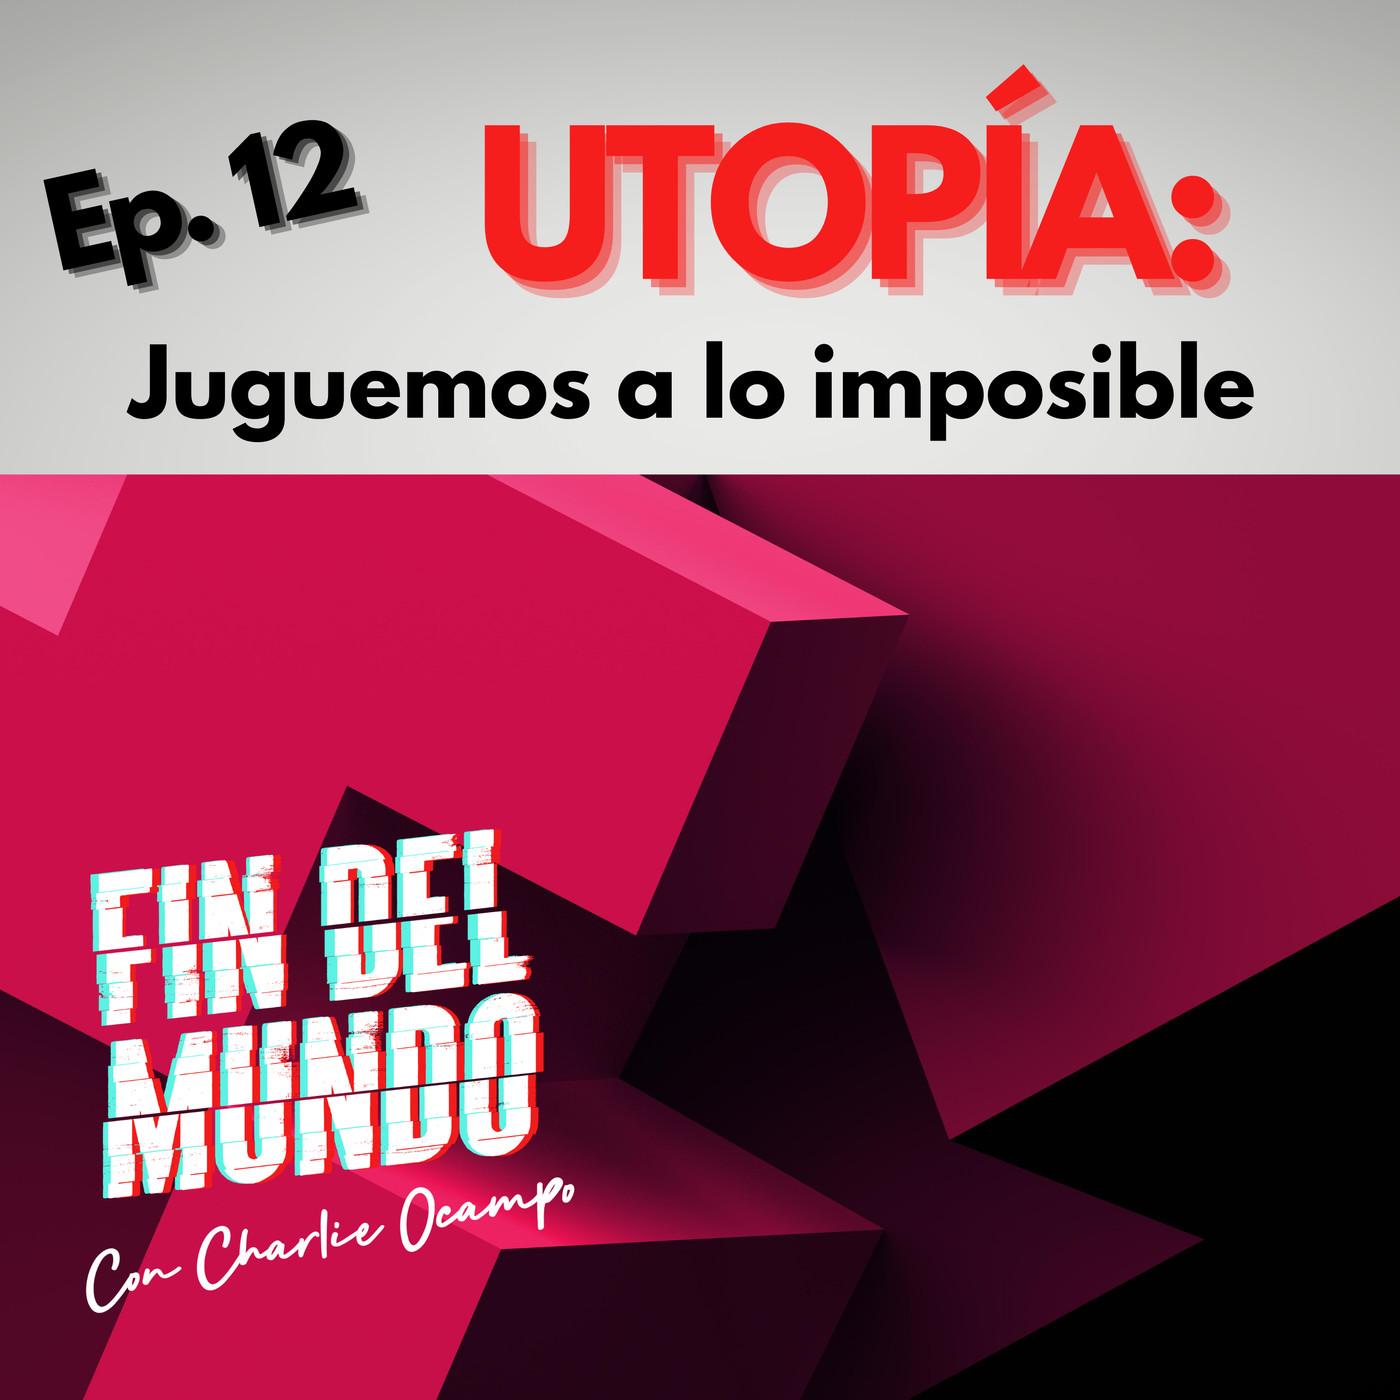 12. UTOPÍA: Juguemos a lo imposible.